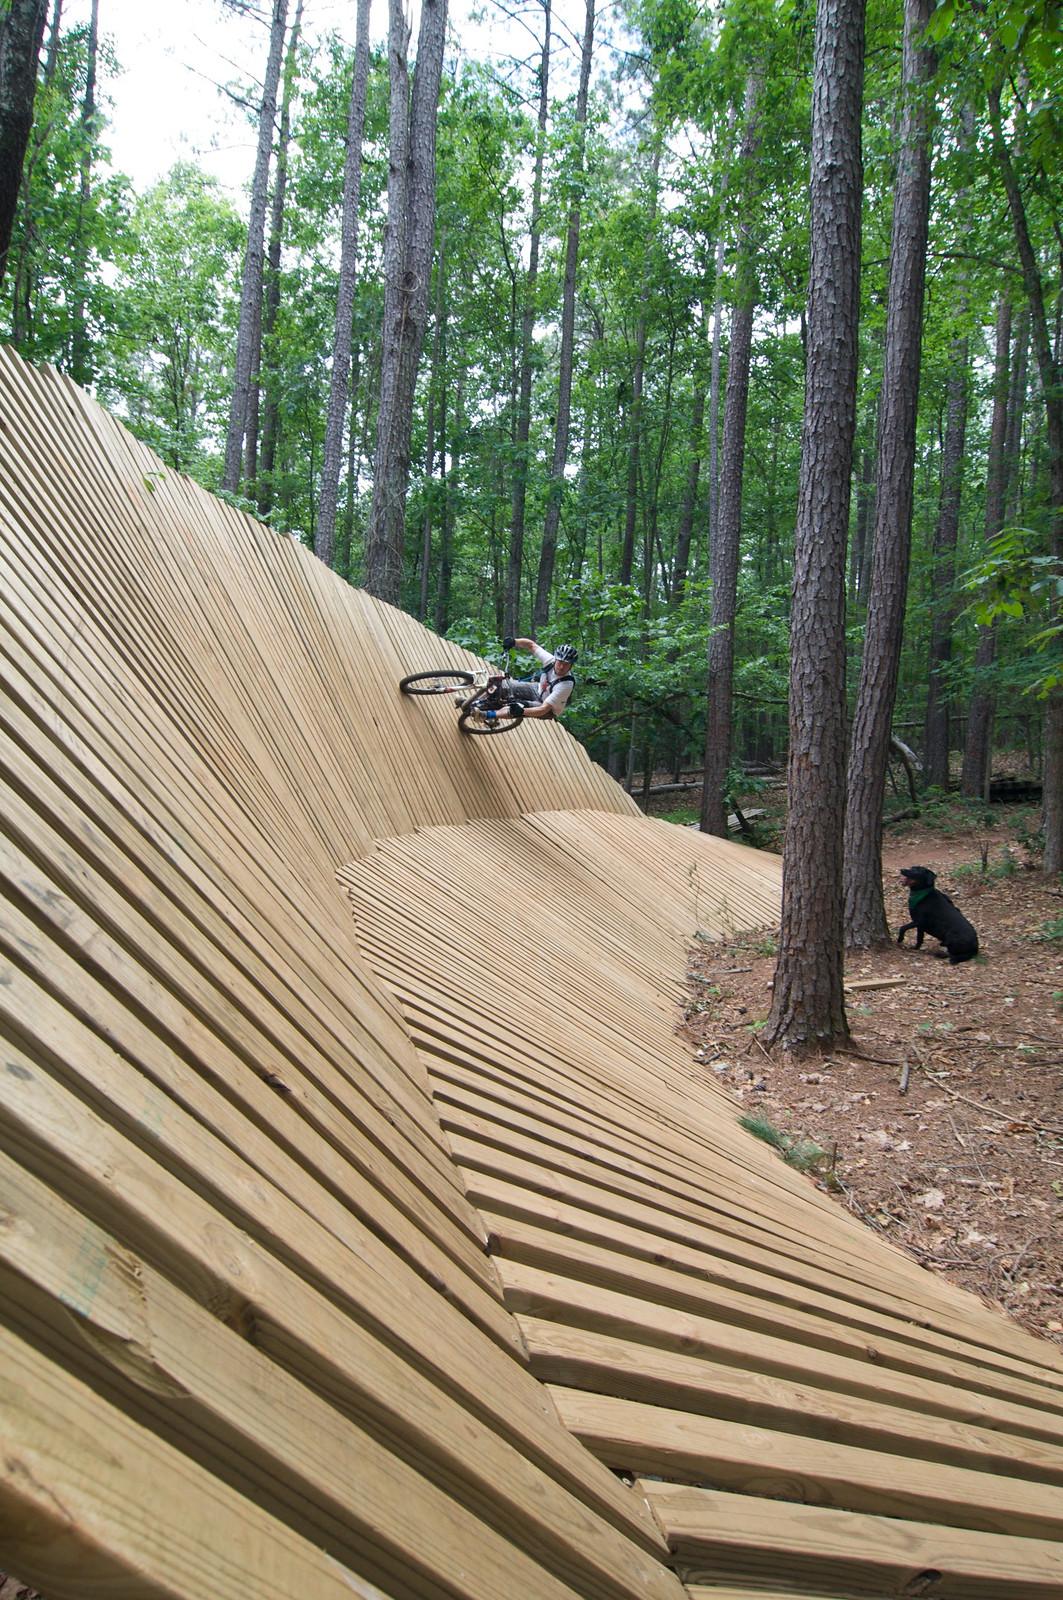 DSC 0399 - b-lec - Mountain Biking Pictures - Vital MTB